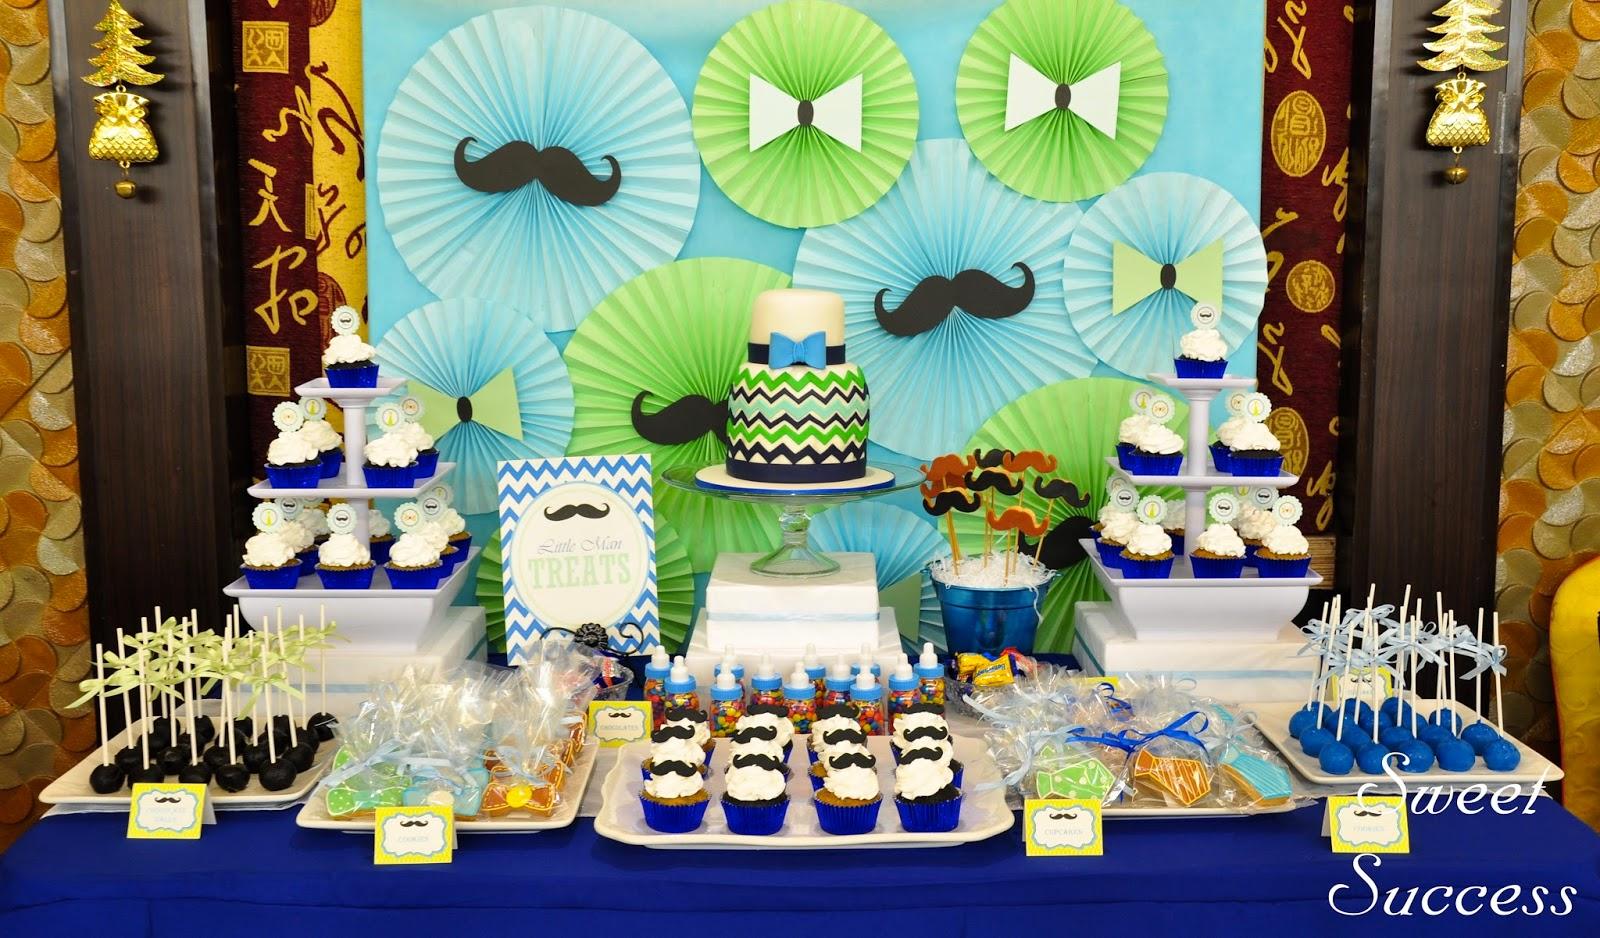 sweet success 39 sweet life little man theme dessert bar